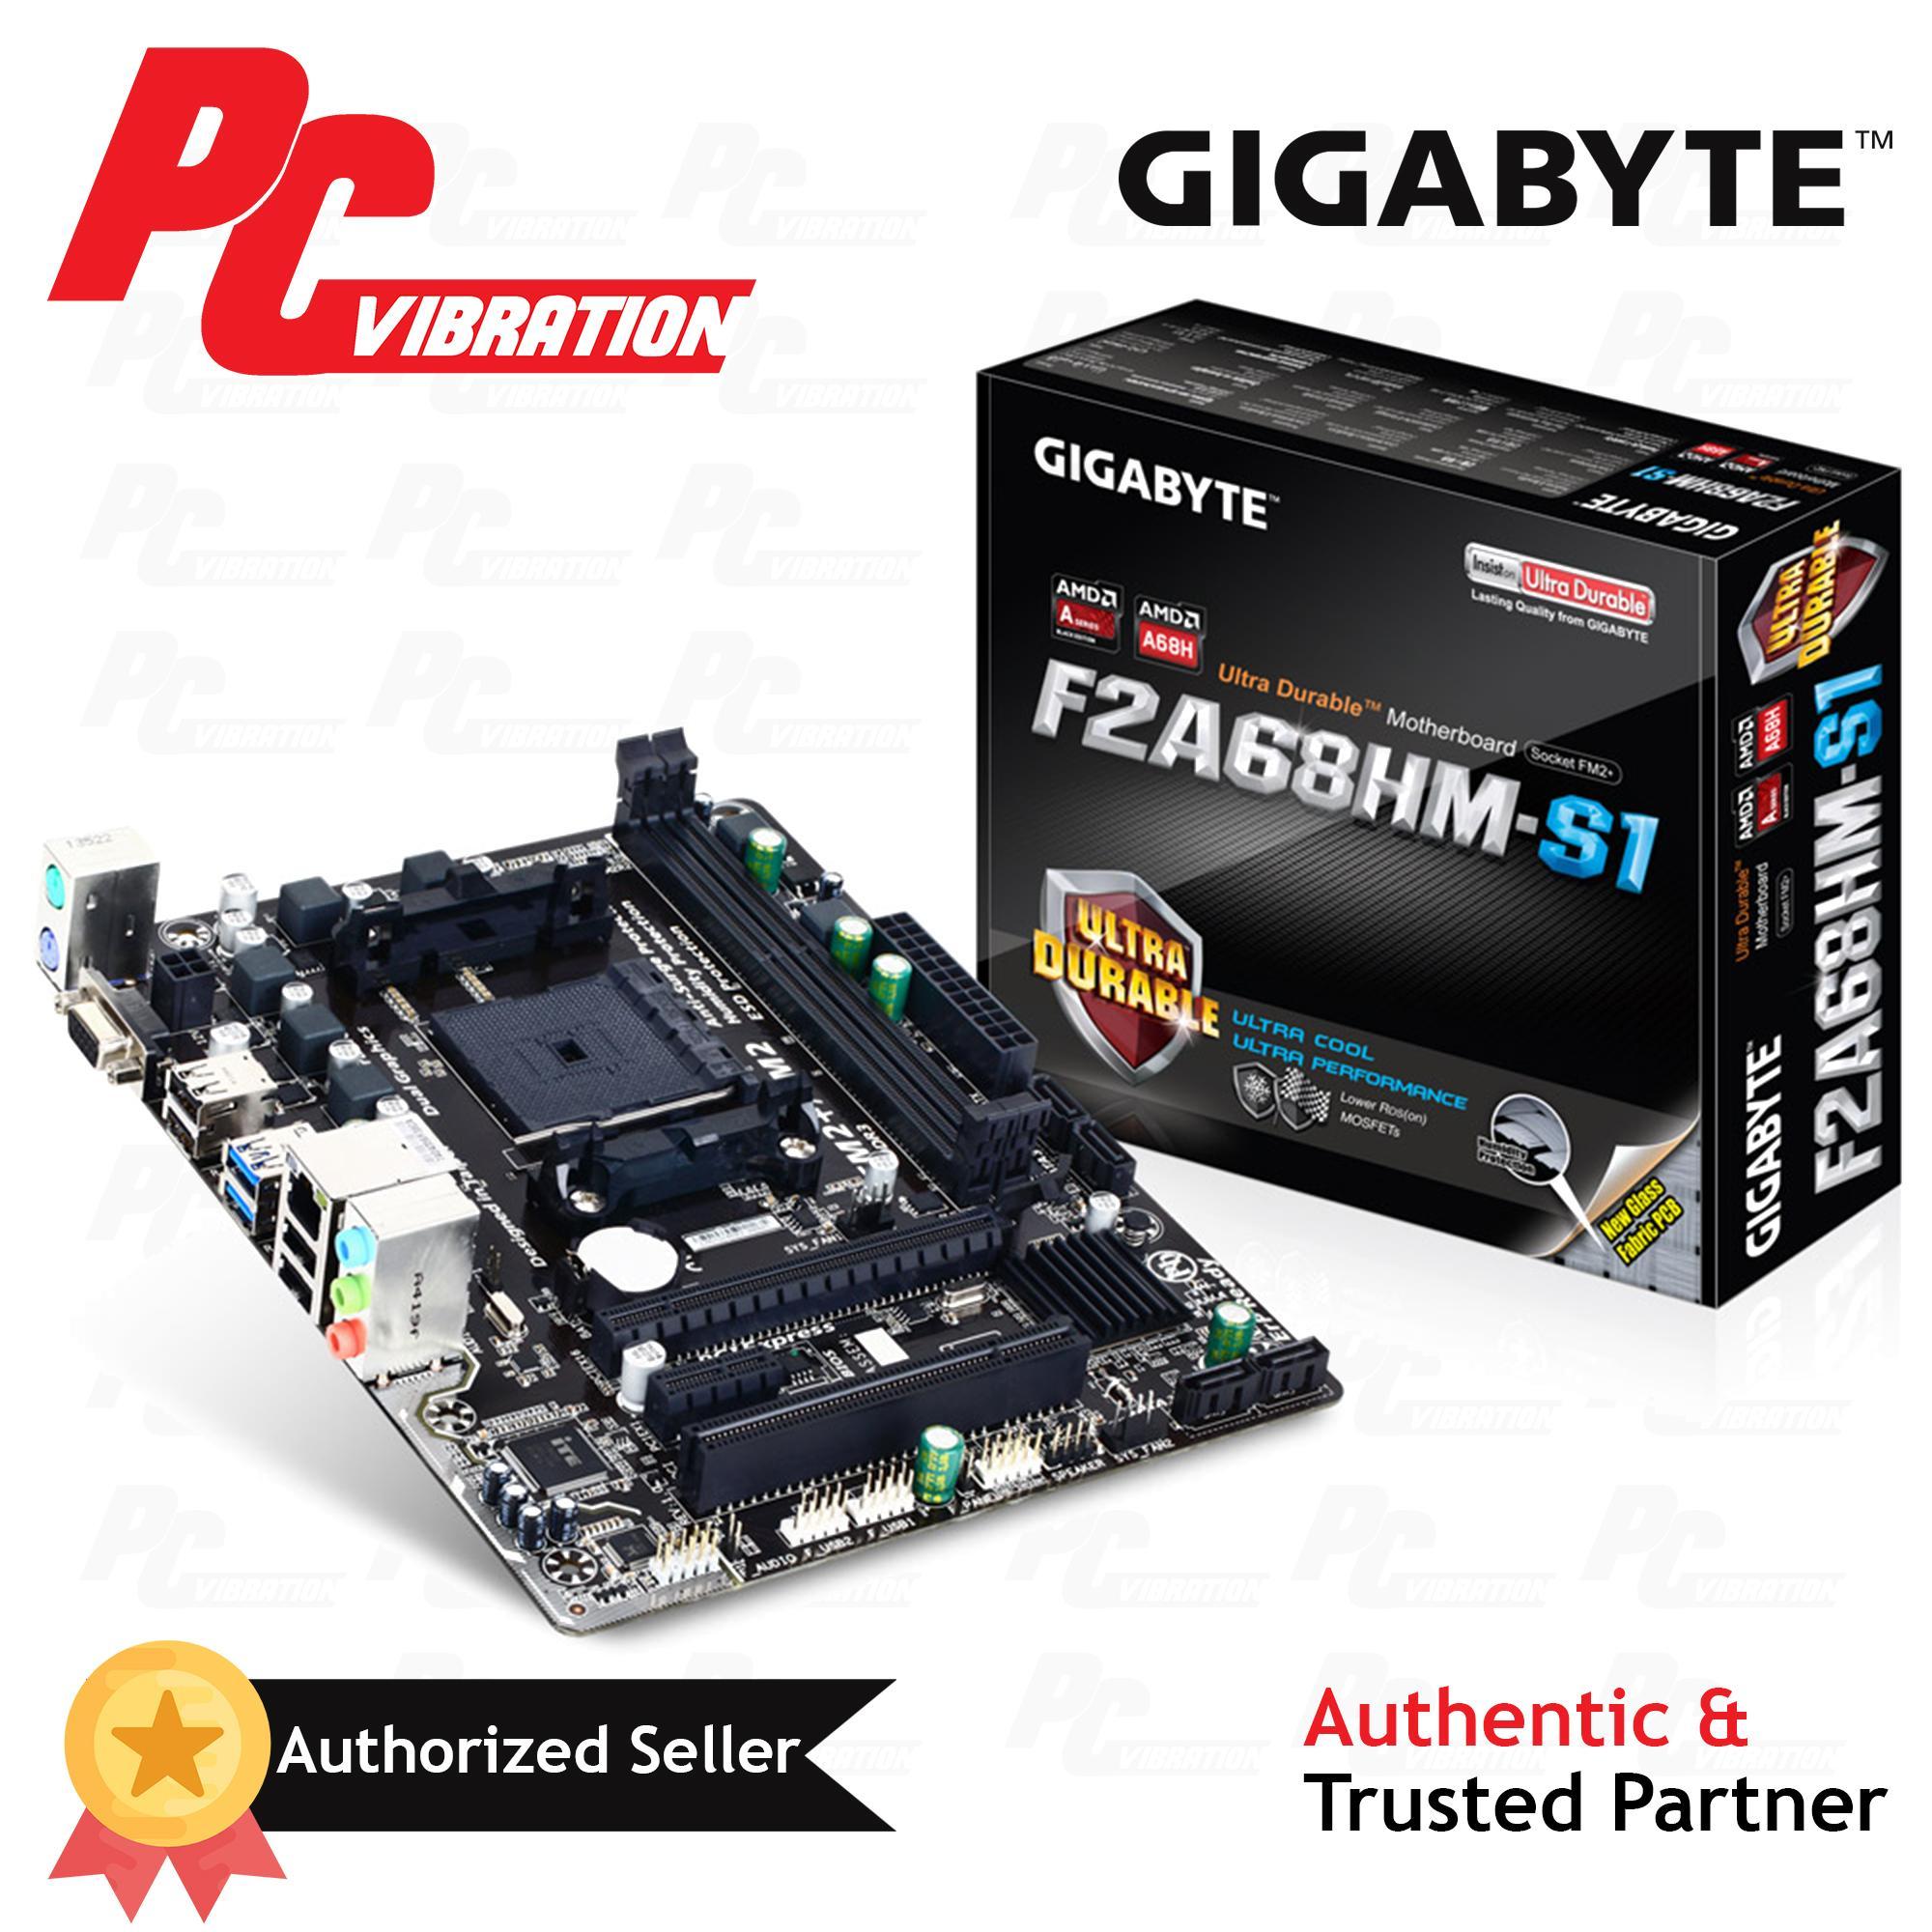 Gigabyte GT-U7100 TV Tuner Remote Control Driver Download